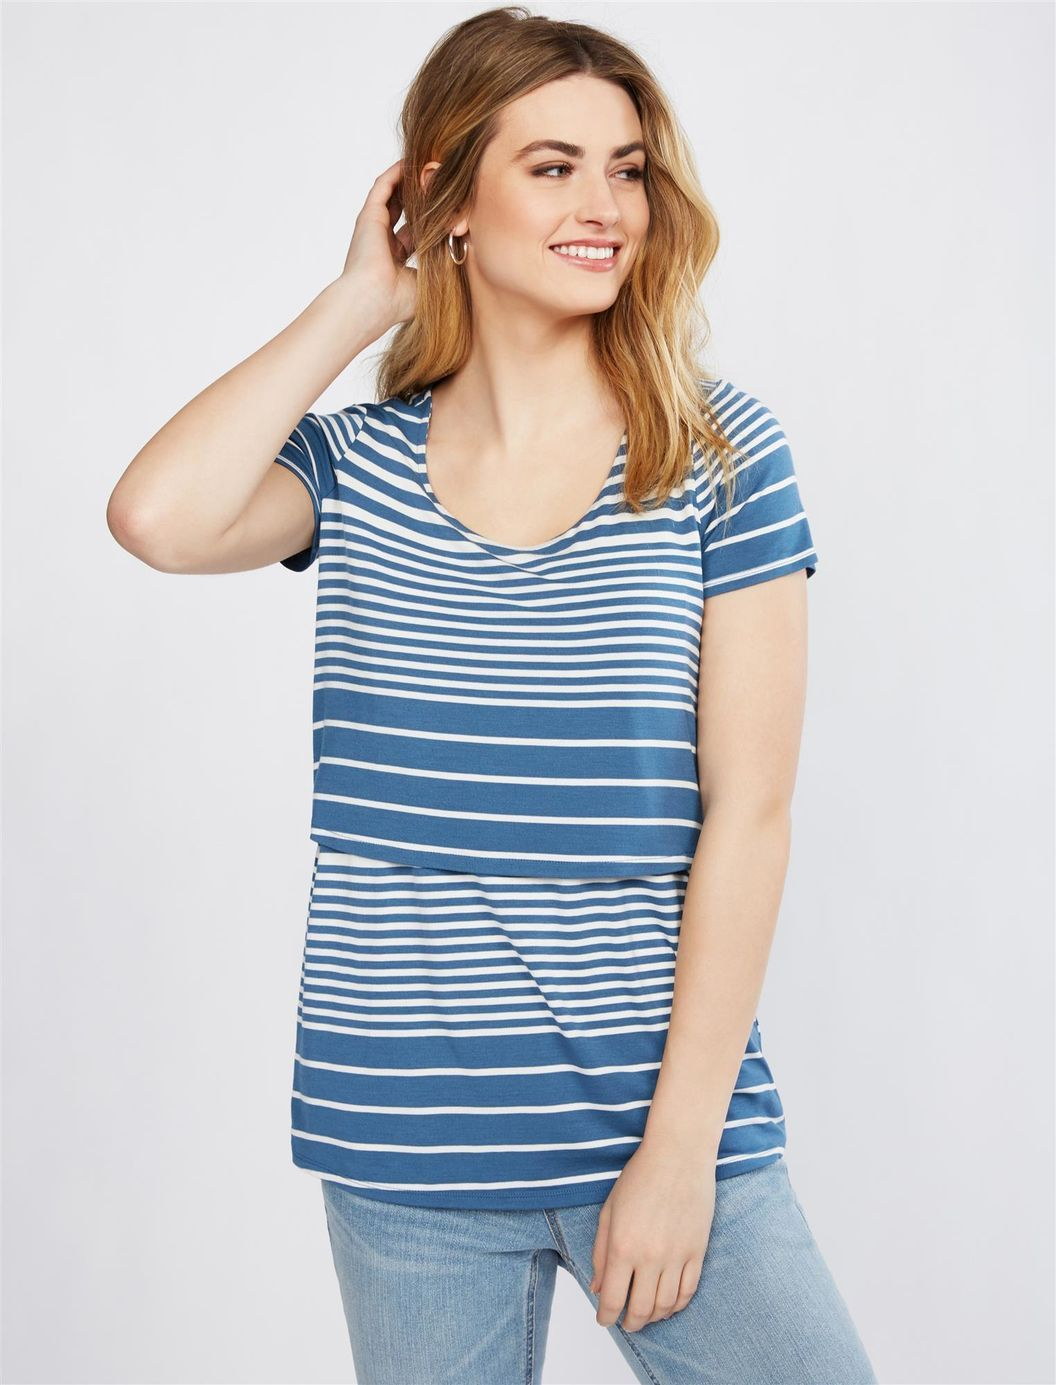 Motherhood Maternity Womens Short Sleeve Scoop Neck Lift Up Nursing Tee Shirt T-Shirt